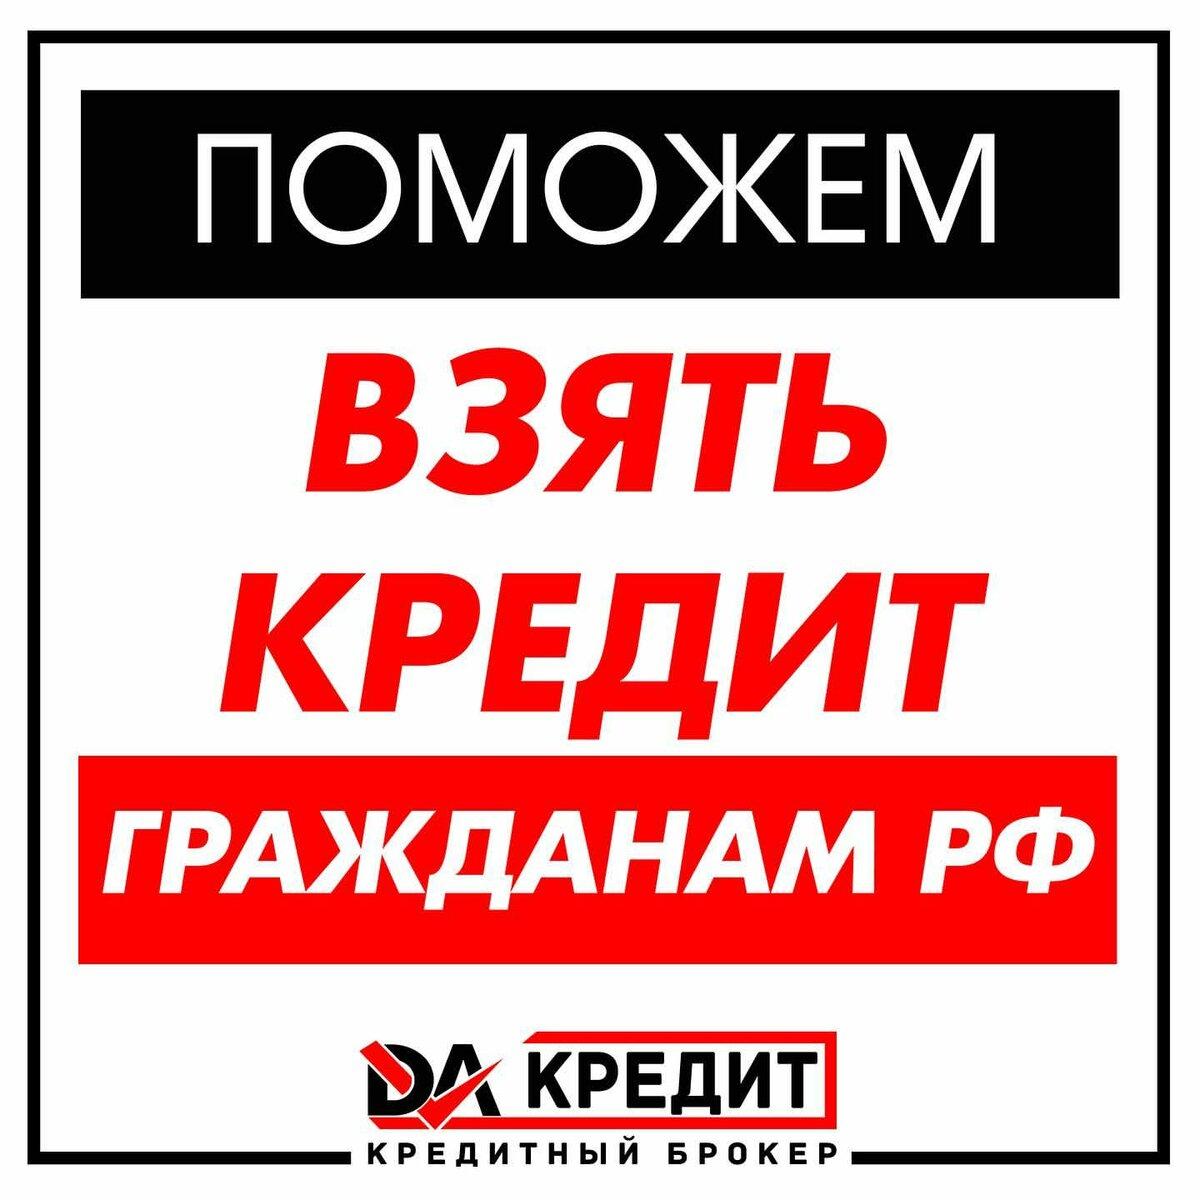 займы до зарплаты красноярск